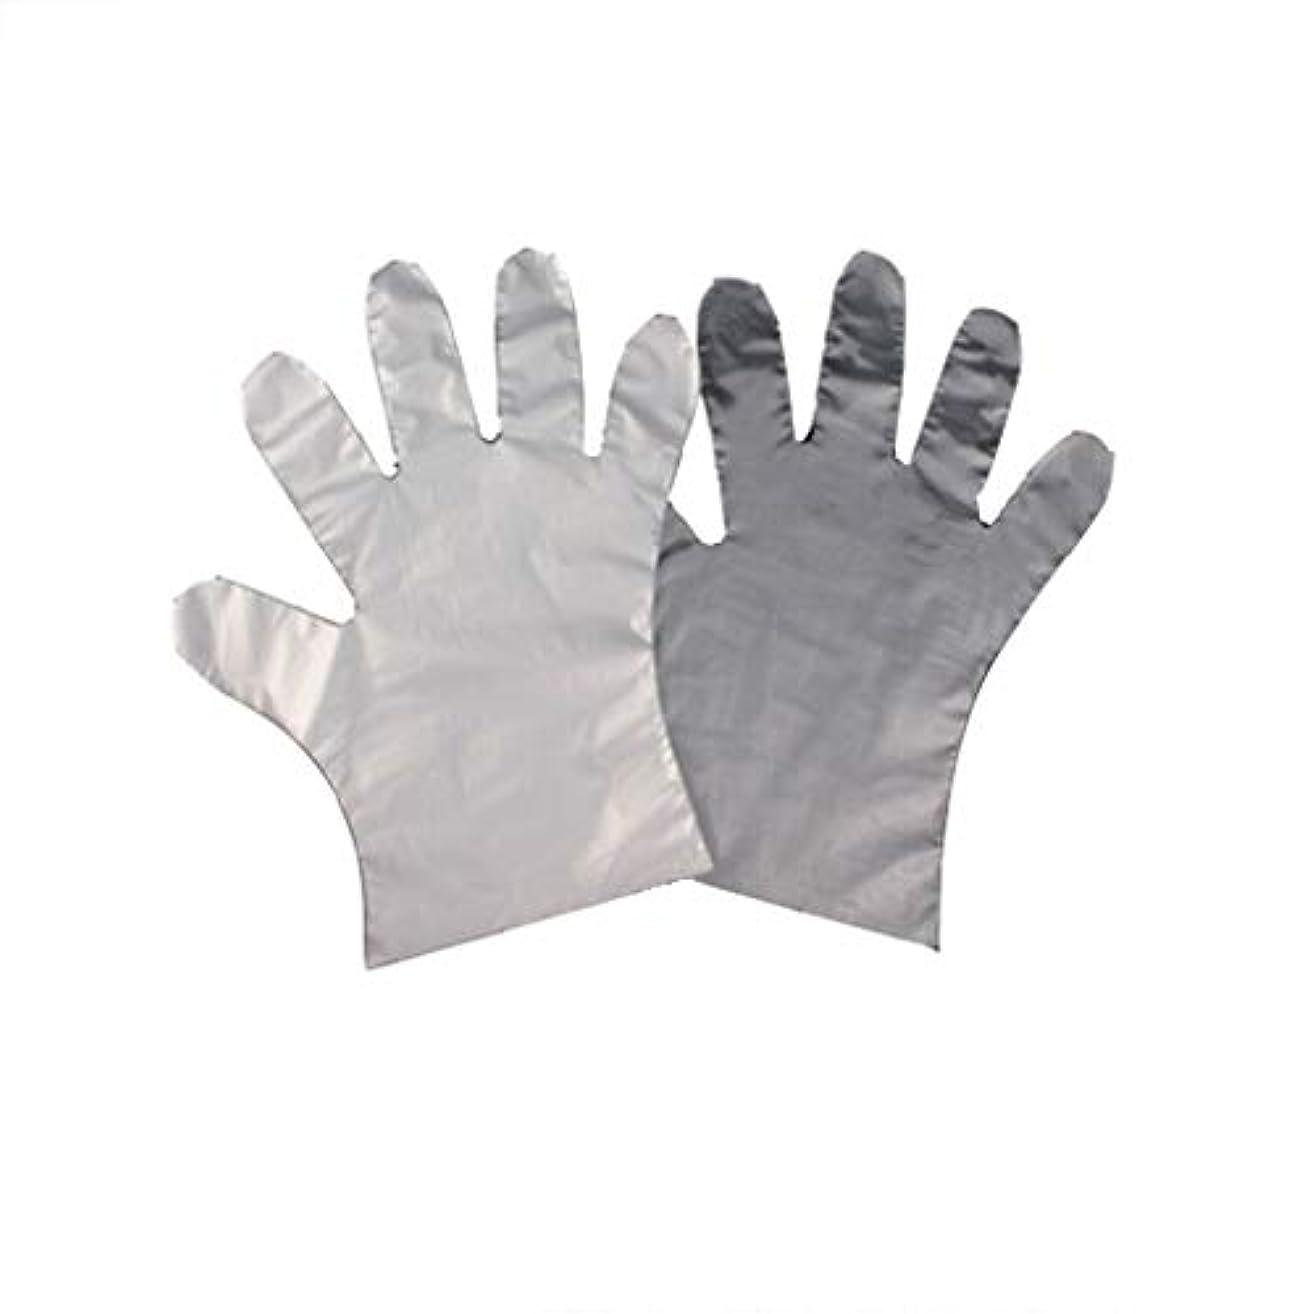 北方詩なす手袋、使い捨てPE手袋、食品の肥厚、透明な2つのオープンポケット-600のみ。